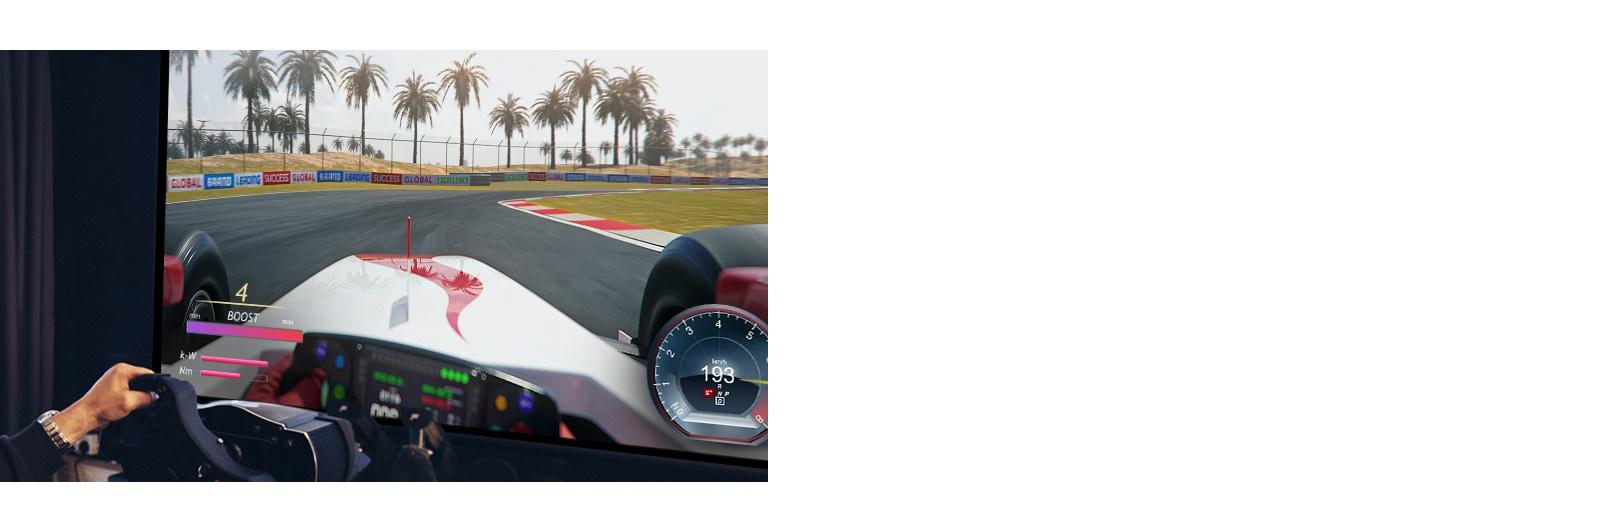 Изглед в близък план на играч, който държи състезателен волан и играе на игра с автомобилно рали на телевизионен екран.